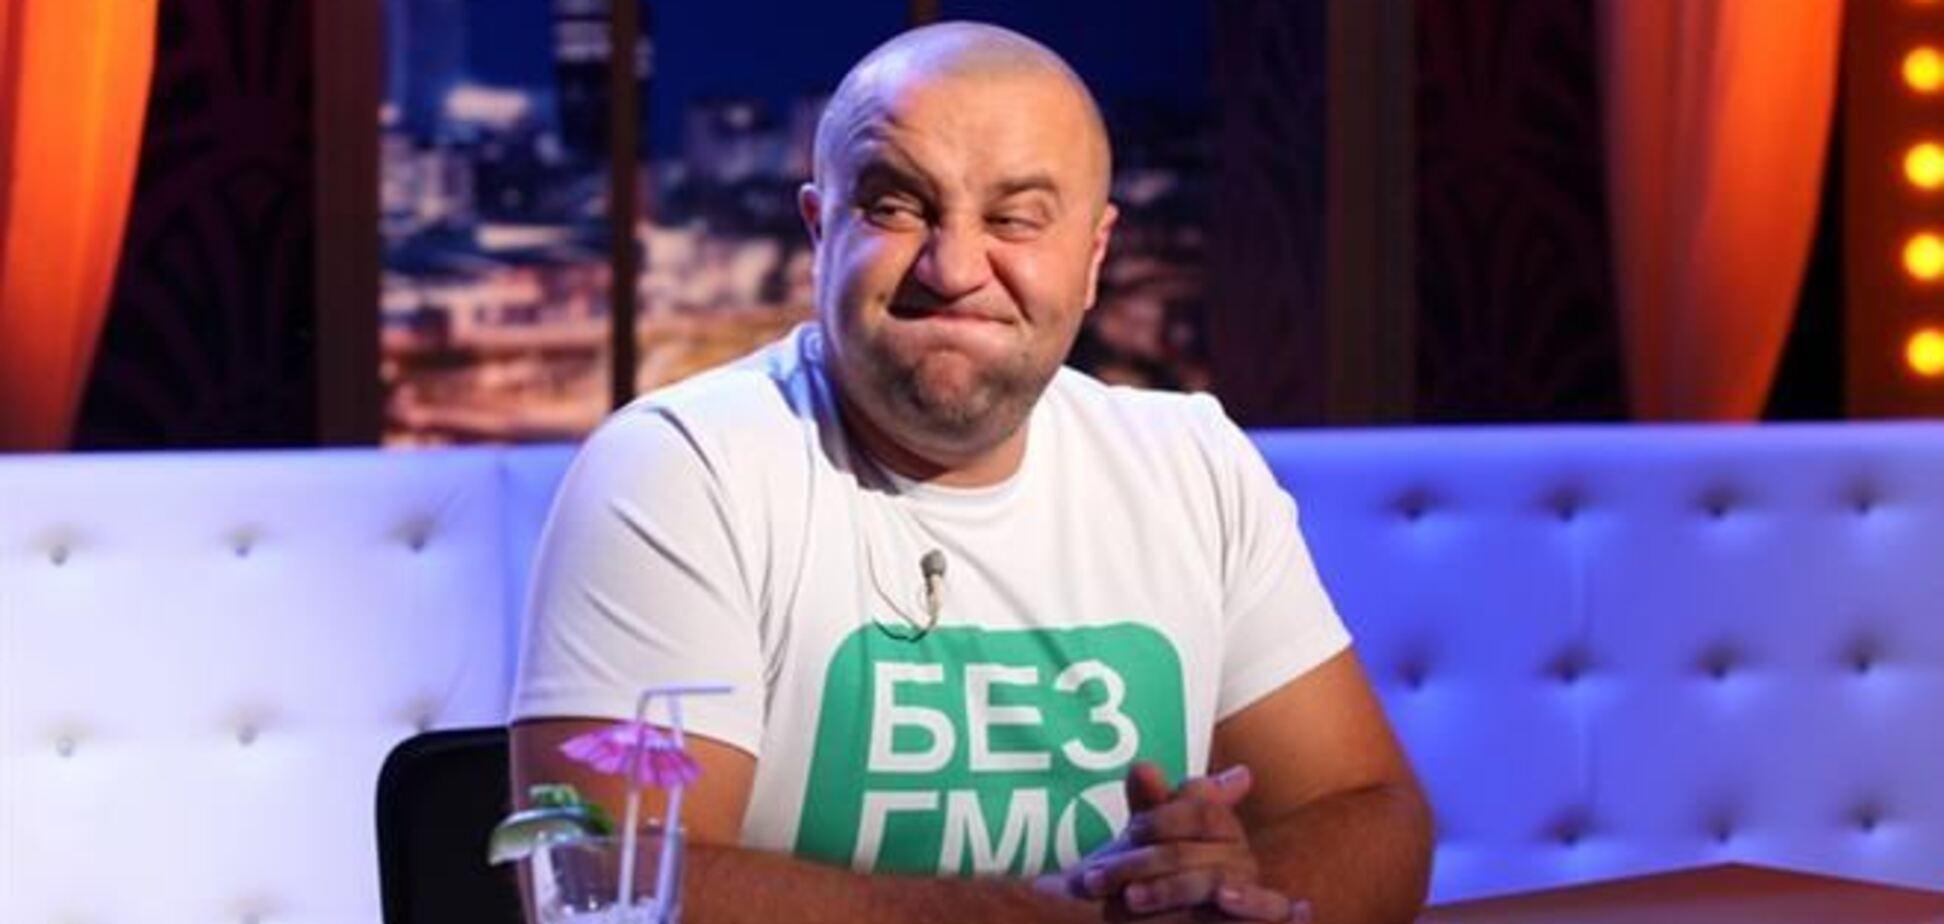 Актор Крутоголов став свідком контрабанди Київ-Берлін